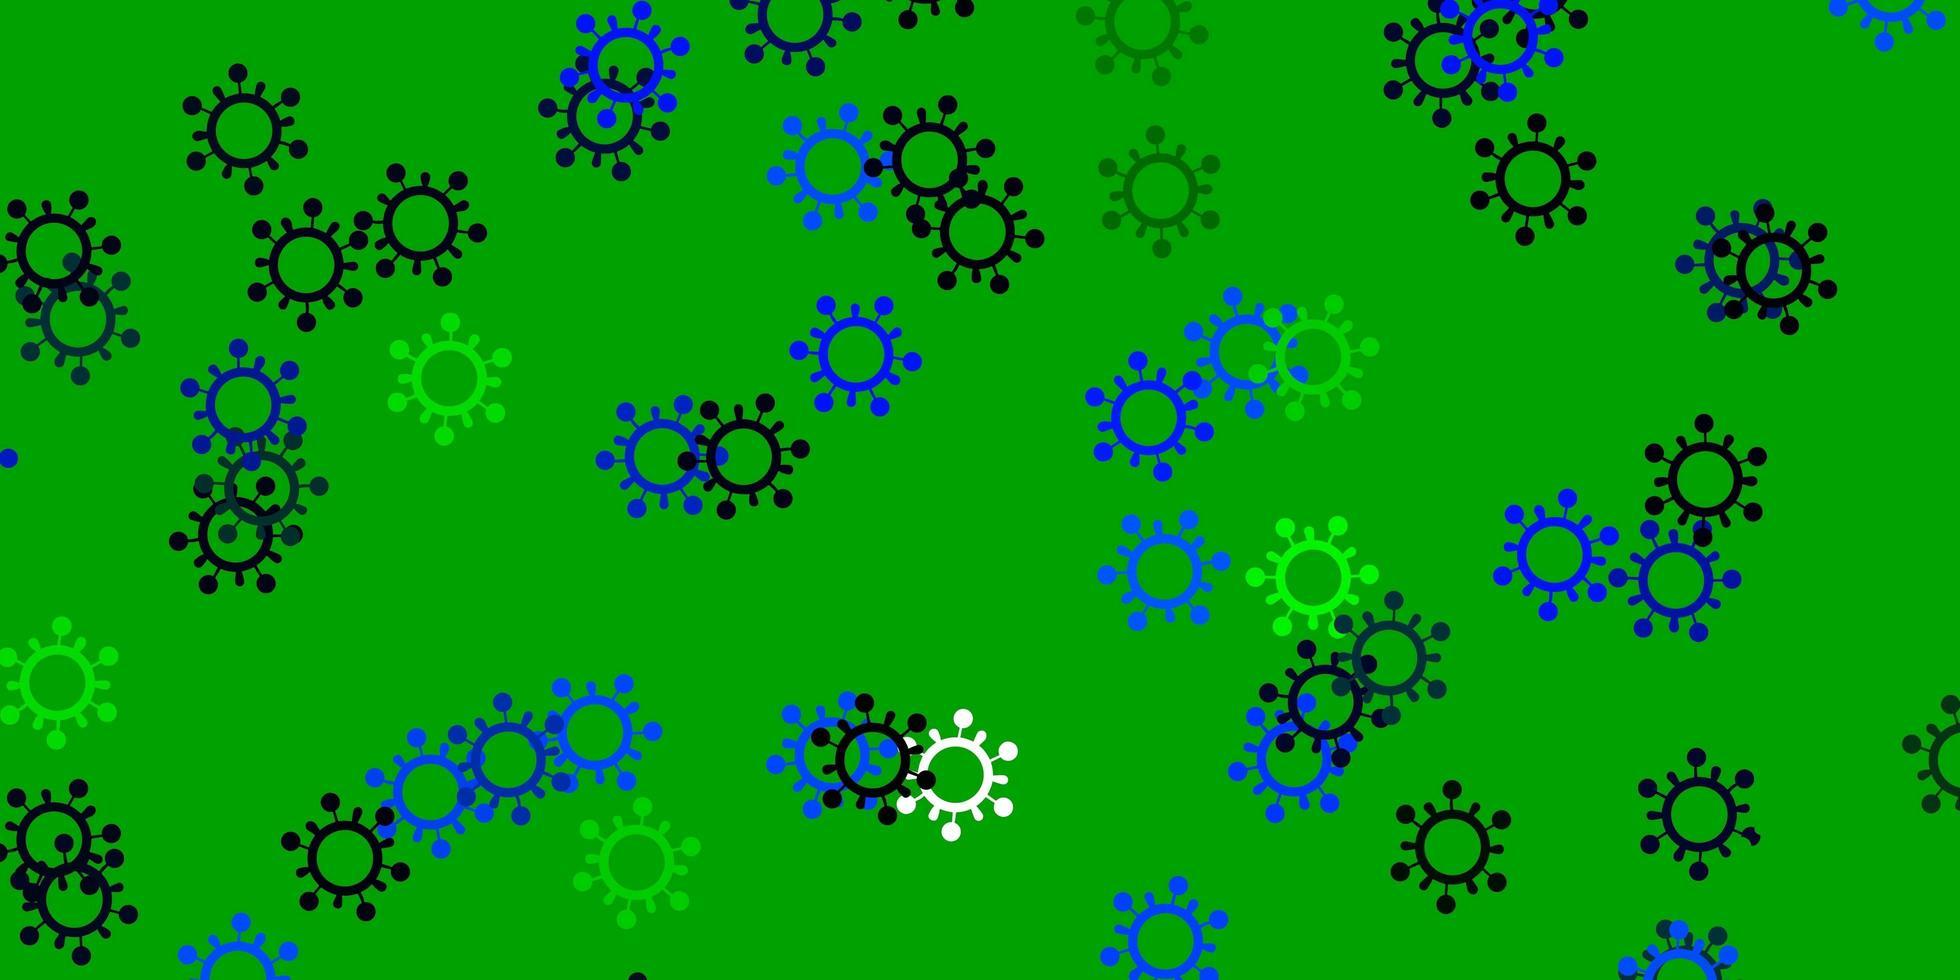 hellblaue, grüne Vektorschablone mit Grippezeichen vektor